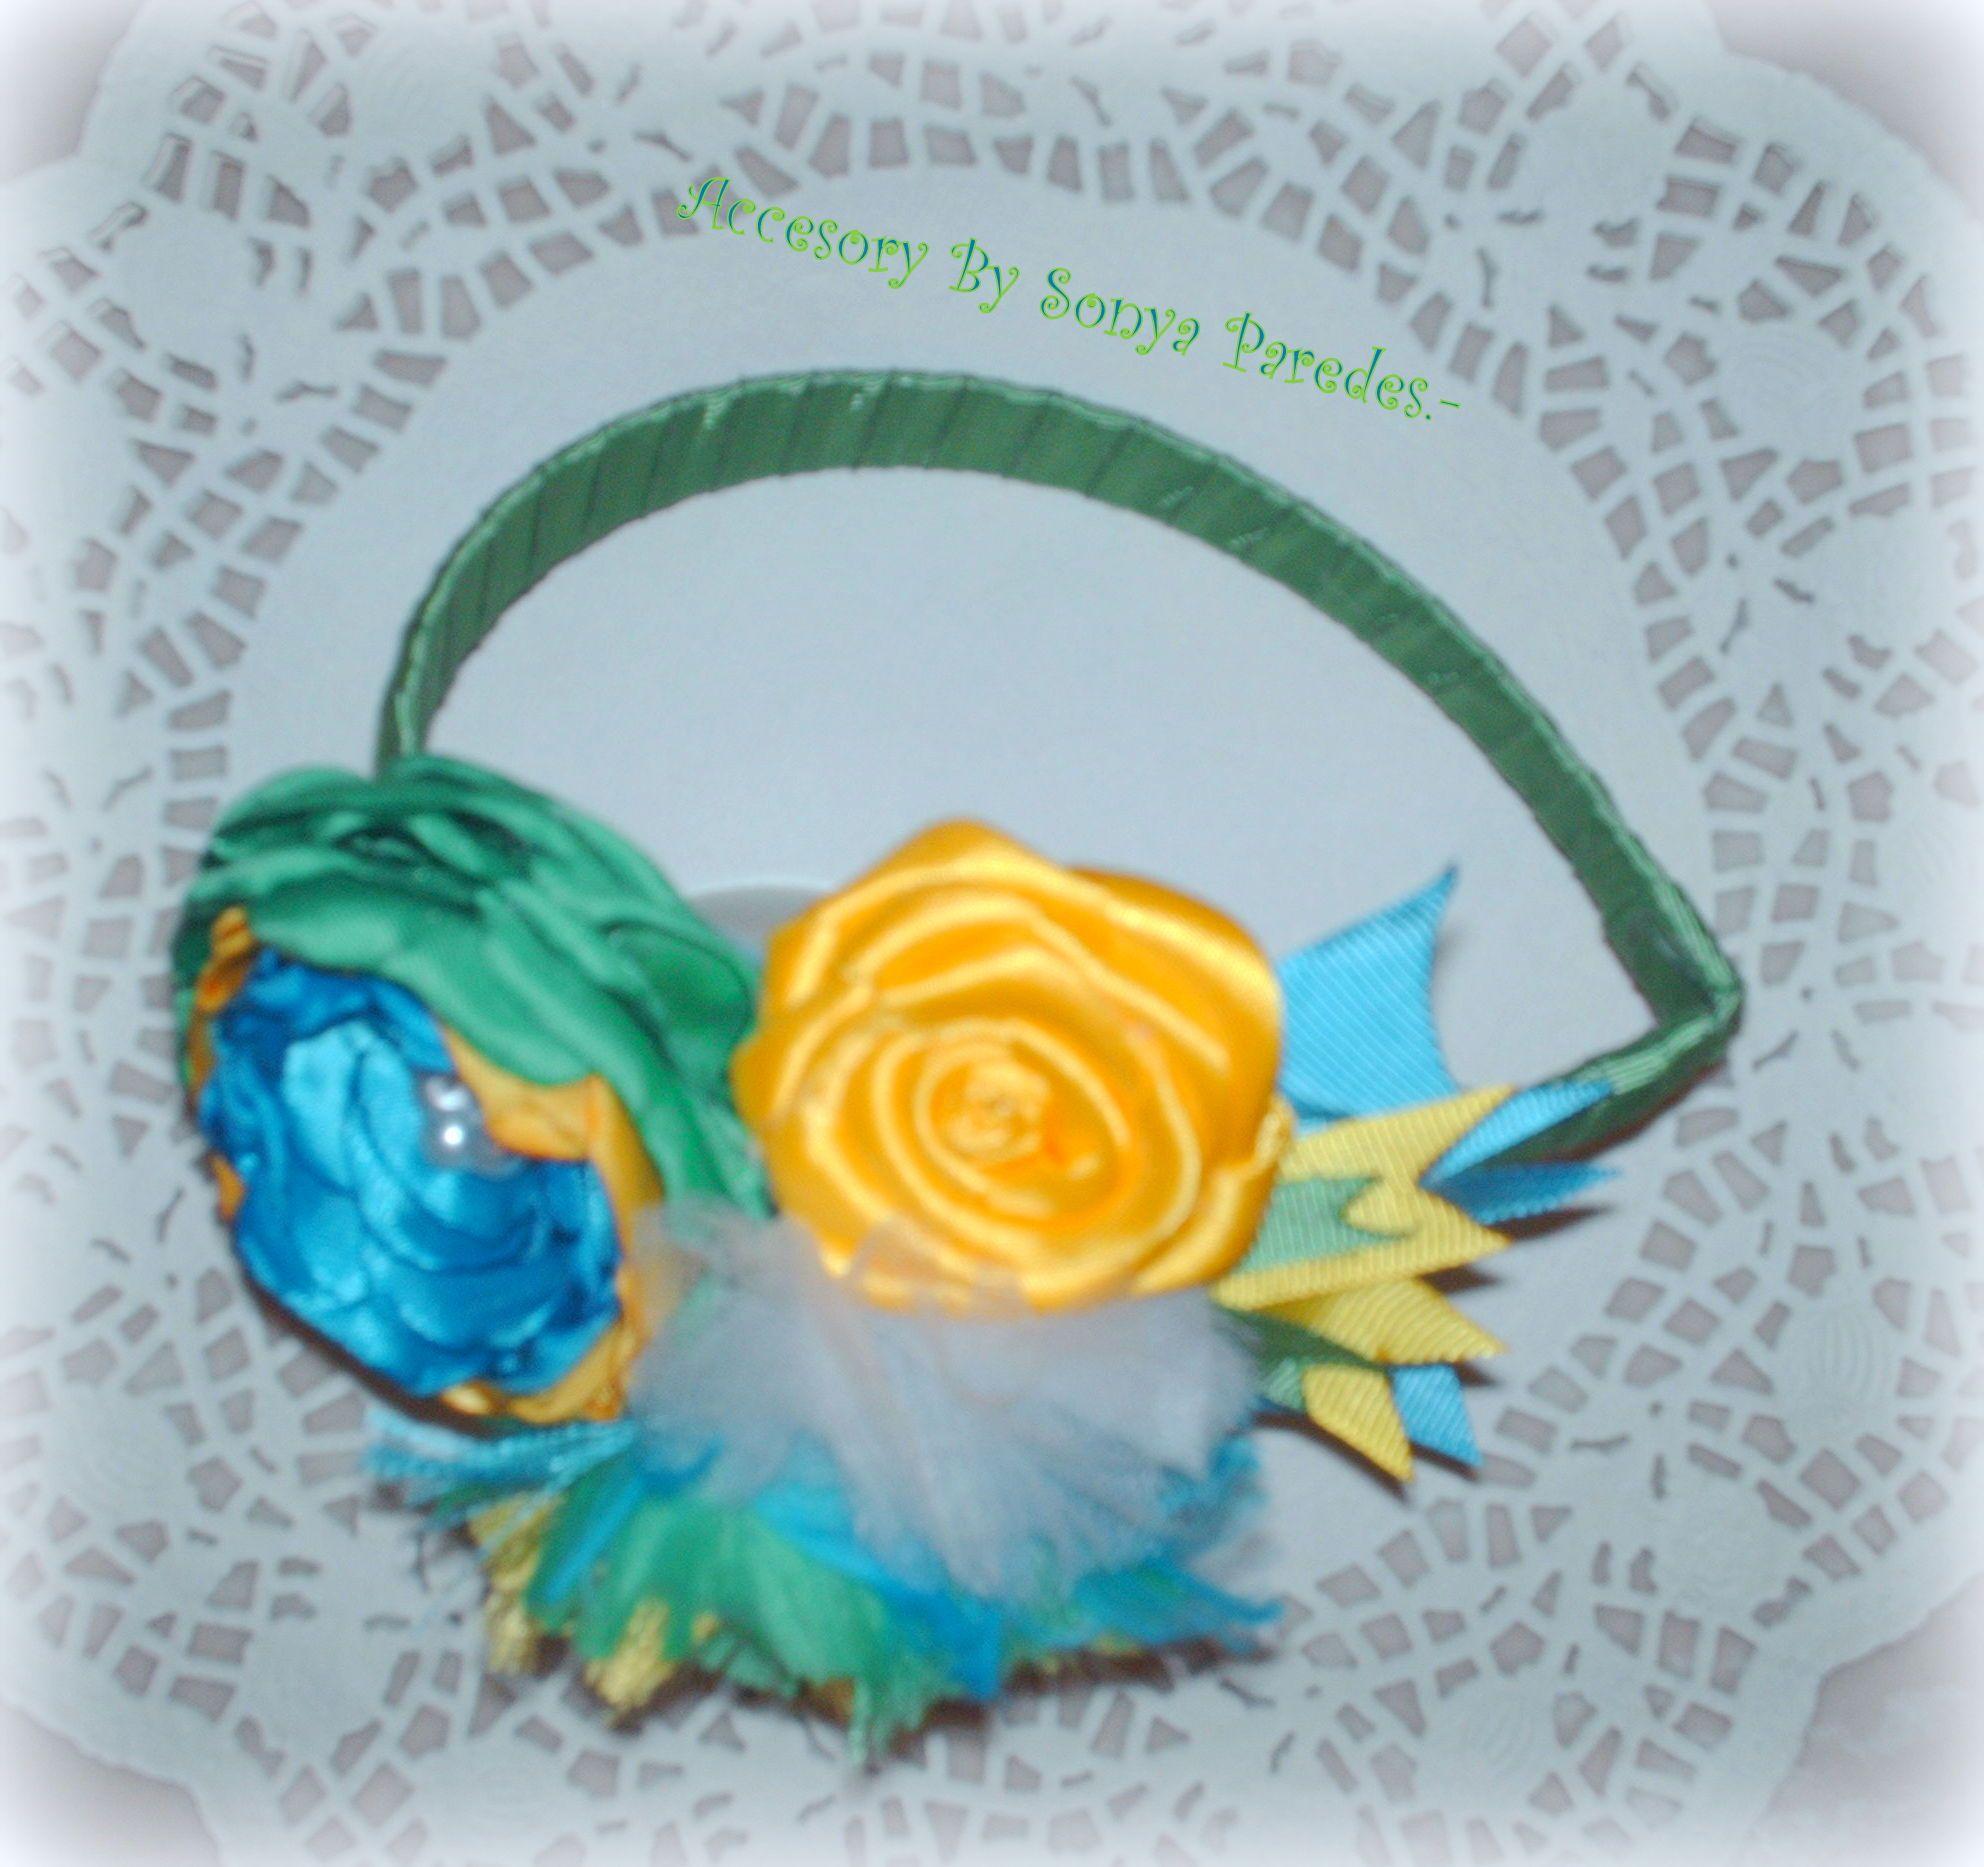 Bello y Hermoso Cintillo en Verde, Amarillo y Azul.- Accesory By Sonya Paredes.-